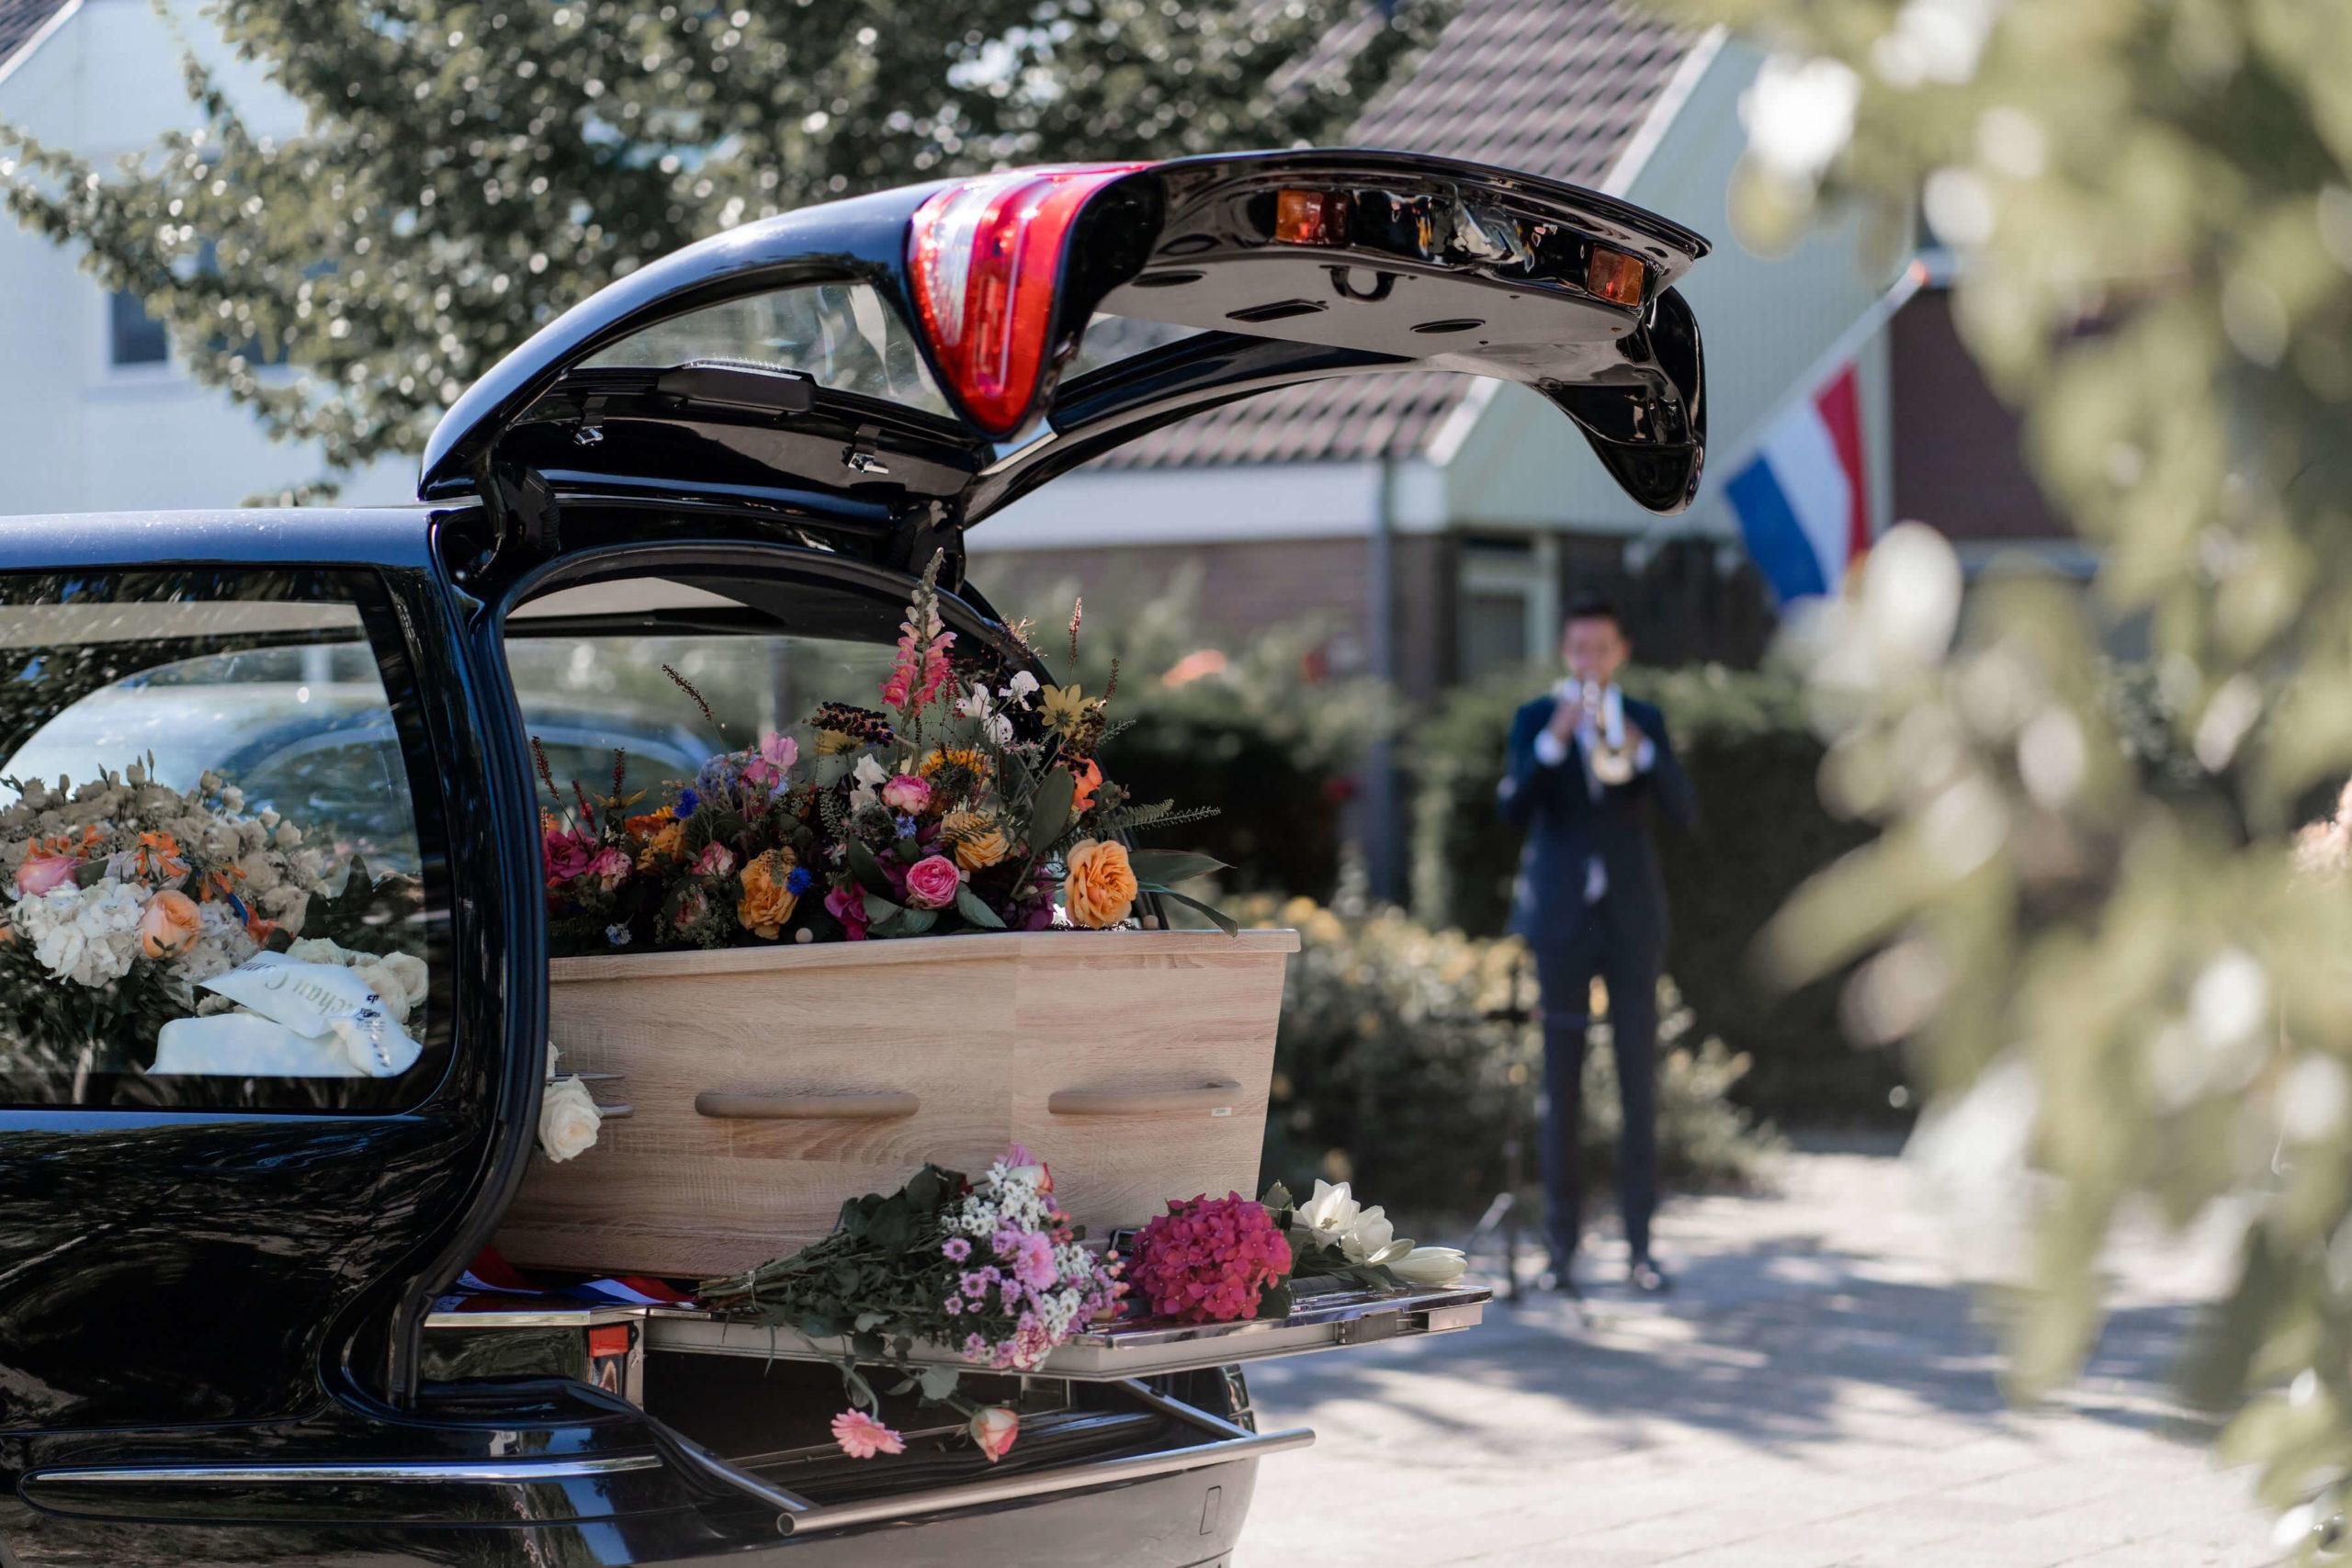 live-muziek-trompet-bloemen-wagen